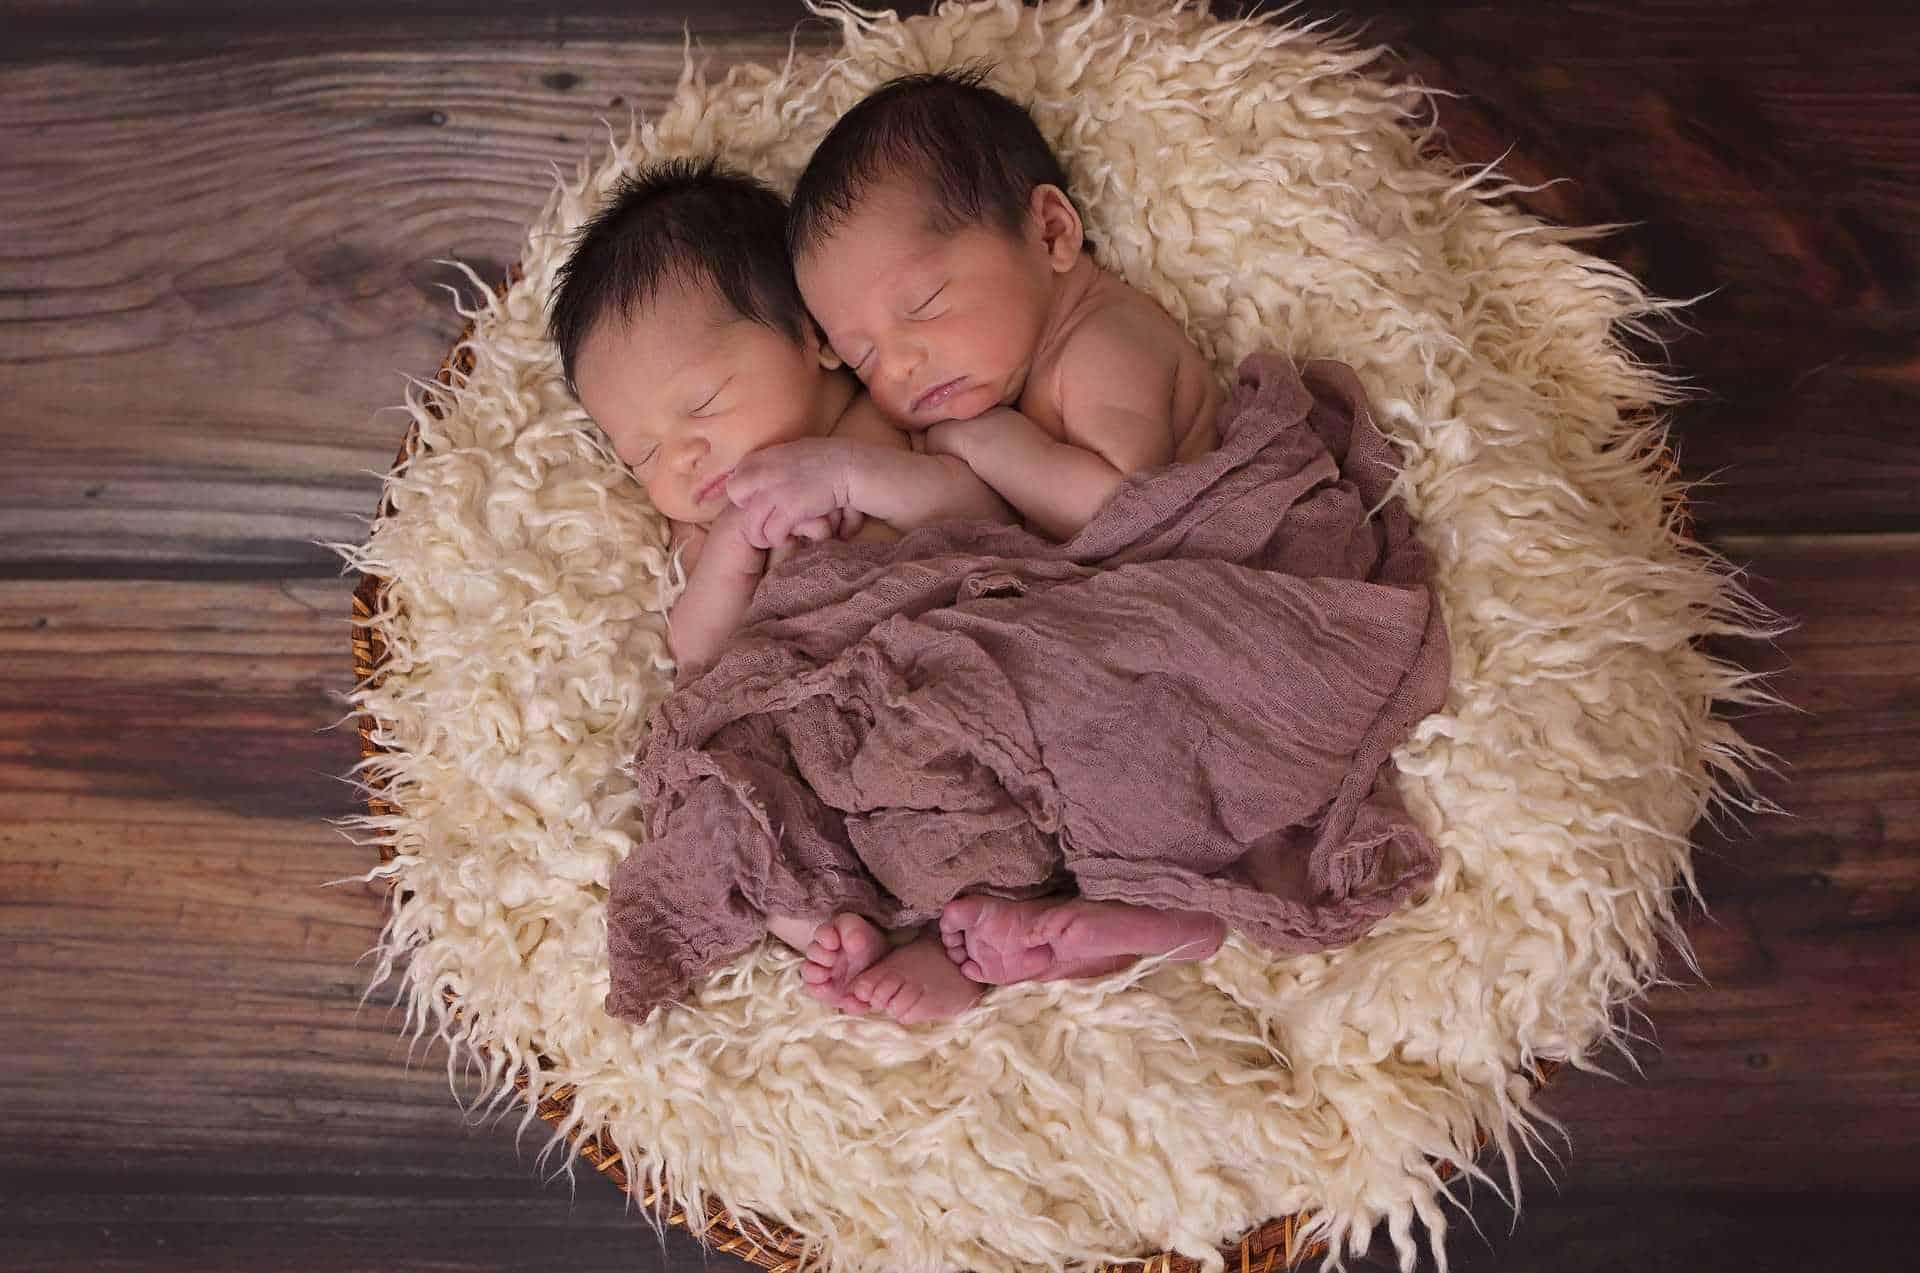 karenwarfel pixabay - Mehrlingsschwangerschaften durch Kinderwunschbehandlungen?